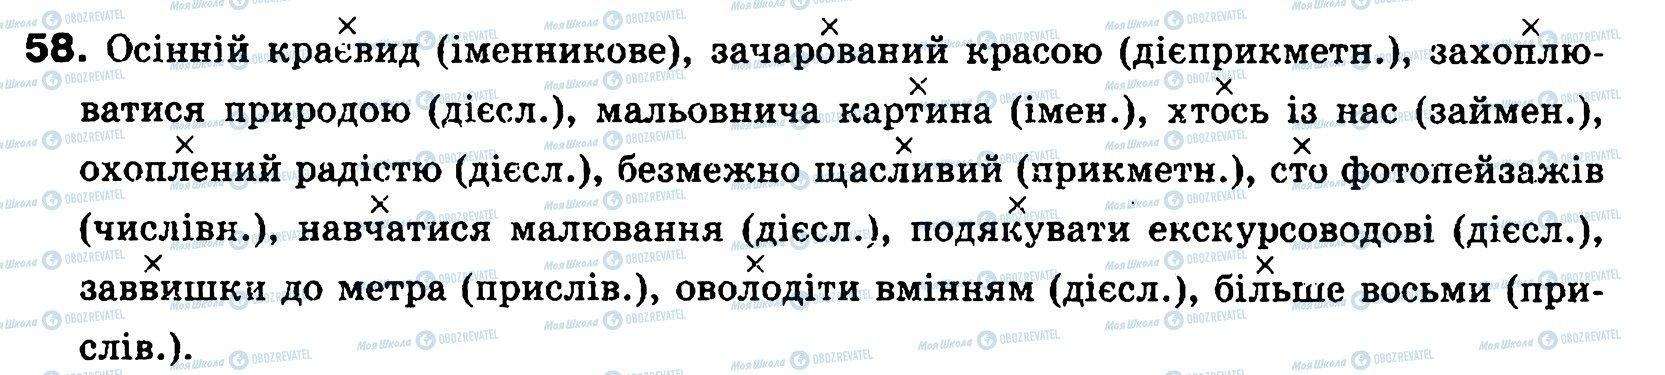 ГДЗ Українська мова 8 клас сторінка 58